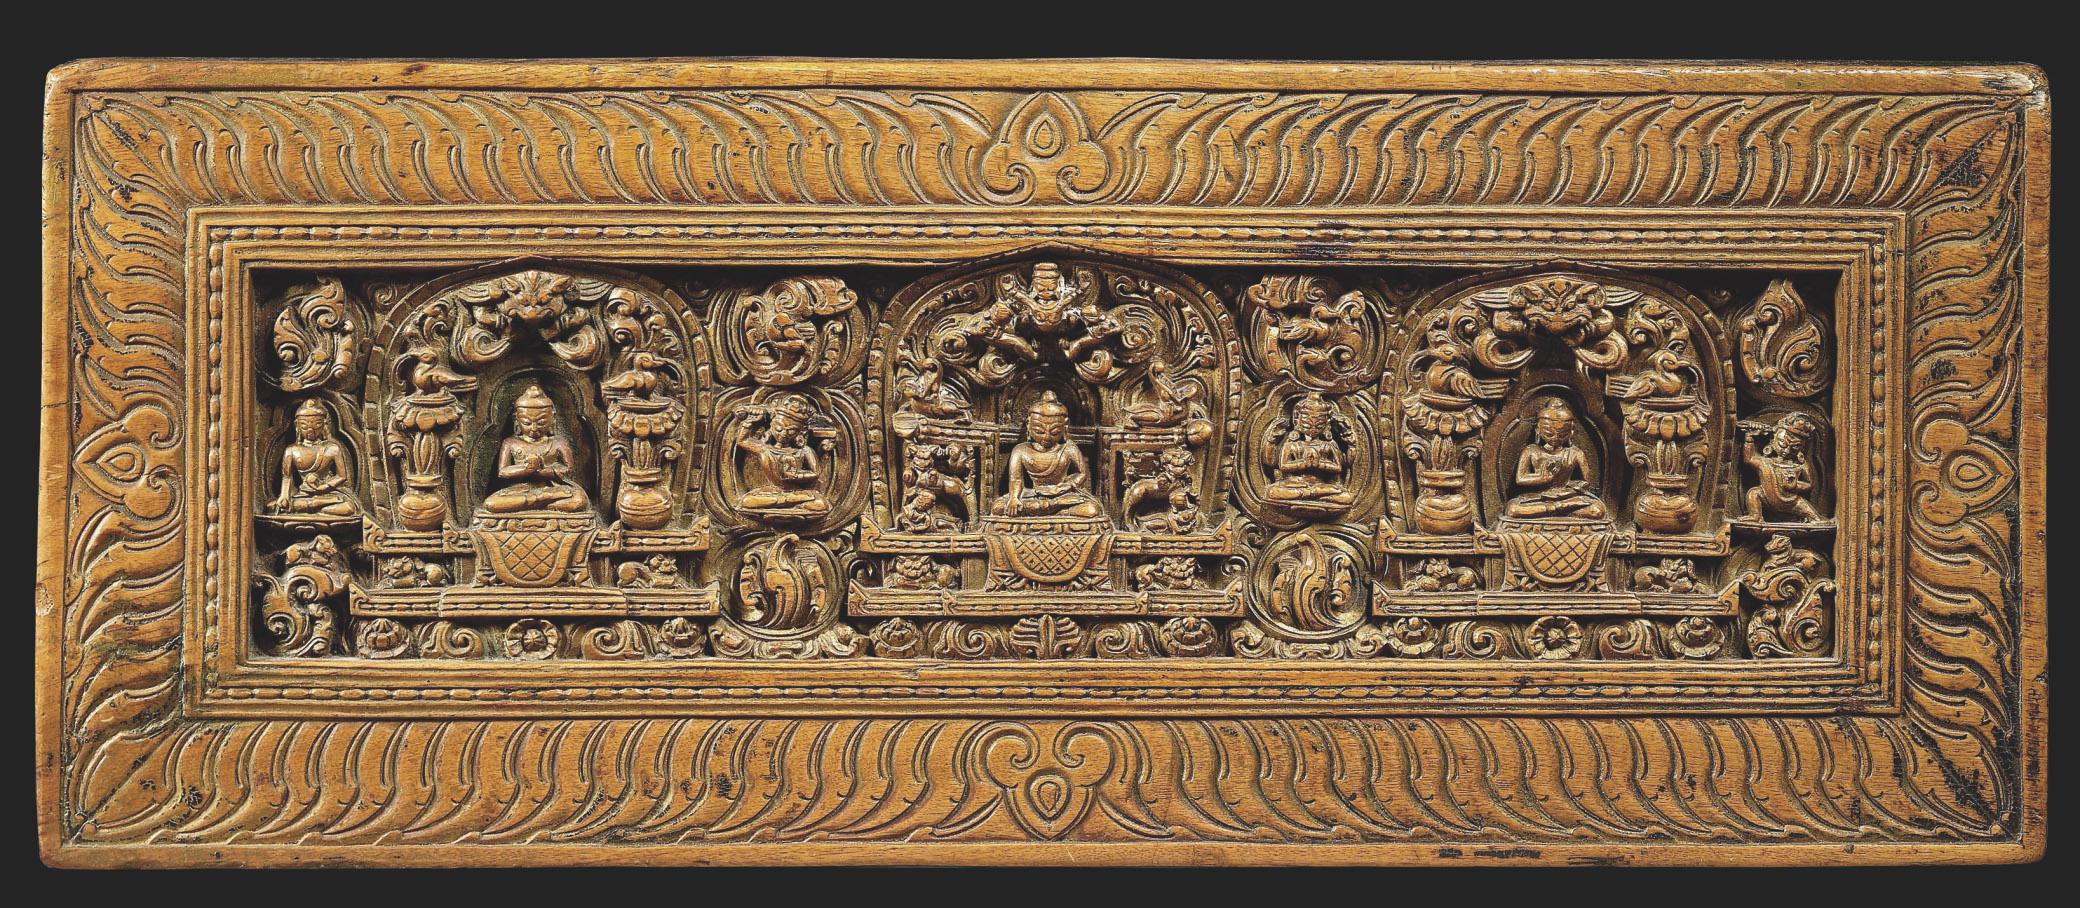 Couverture De Livre En Bois Sculpte Et Dore Tibet Xveme